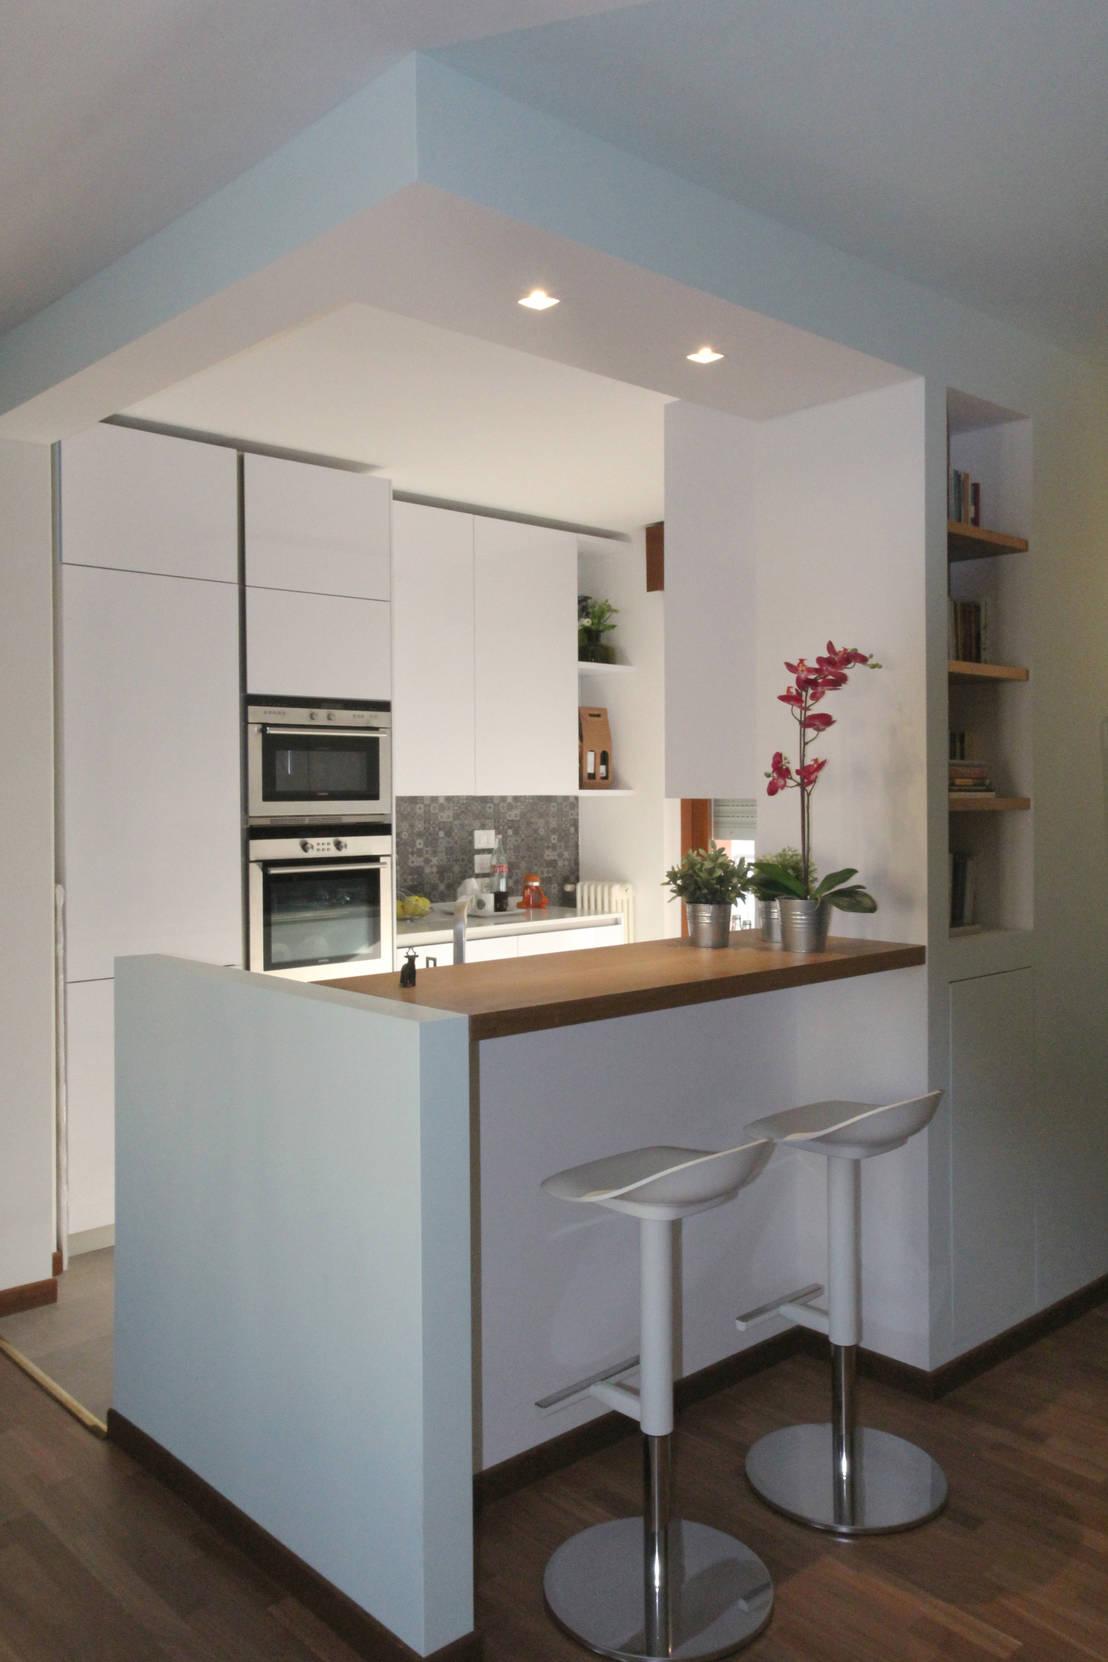 5 kleine keukens om simpelweg gelukkig van te worden - Optimaliseren van een kleine keuken ...